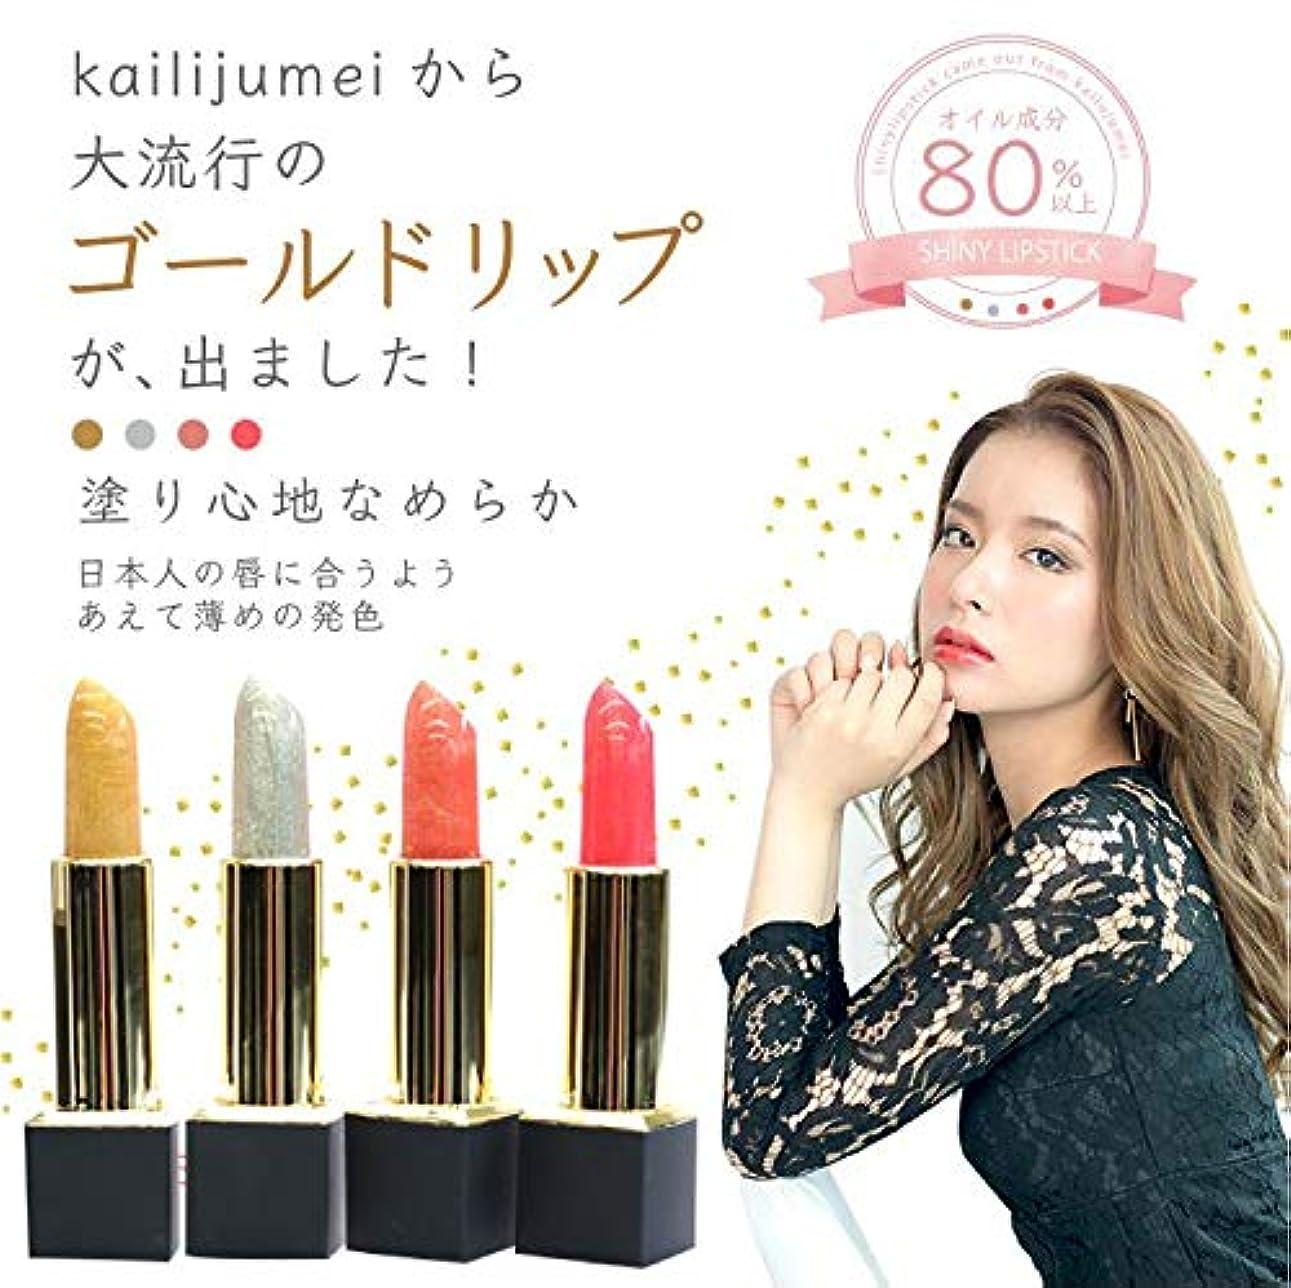 パイルポンプ民兵Kailijumei シャイニーリップ ひと塗りでゴージャスな唇へ ゴールドリップ 口紅 (シャイニーシルバー)